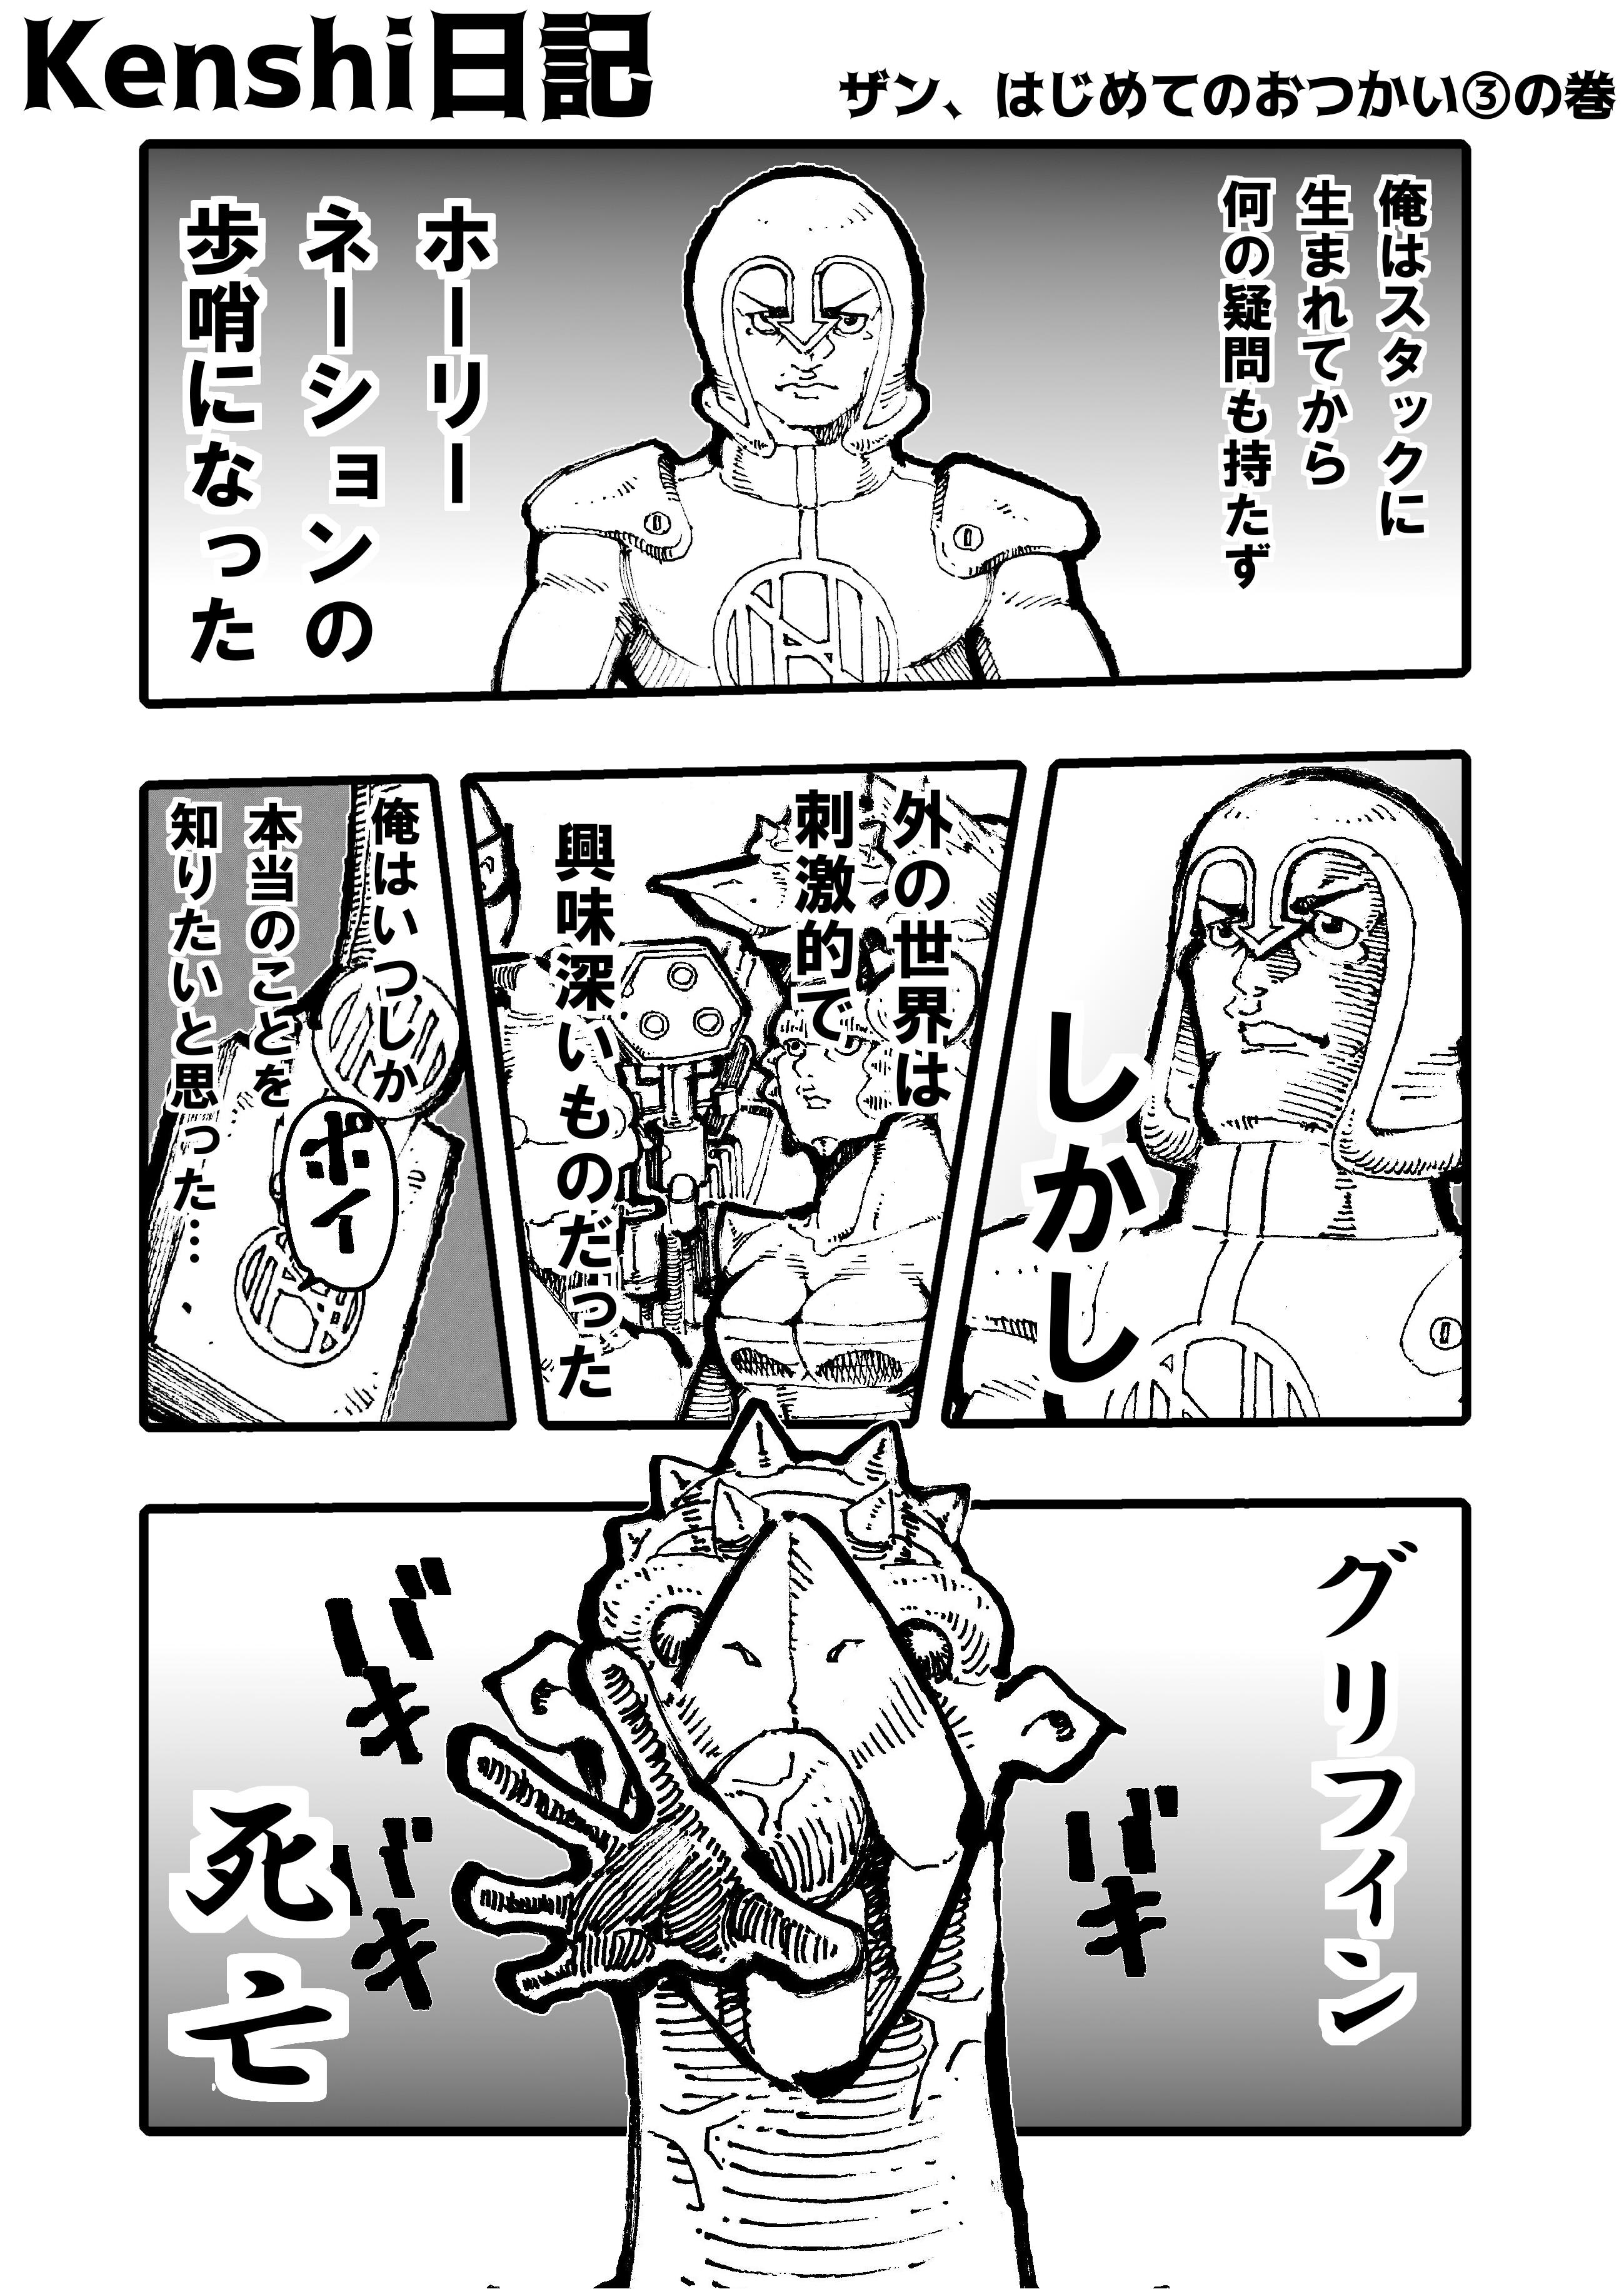 Kenshi日記27 ザン、はじめてのおつかい③の巻